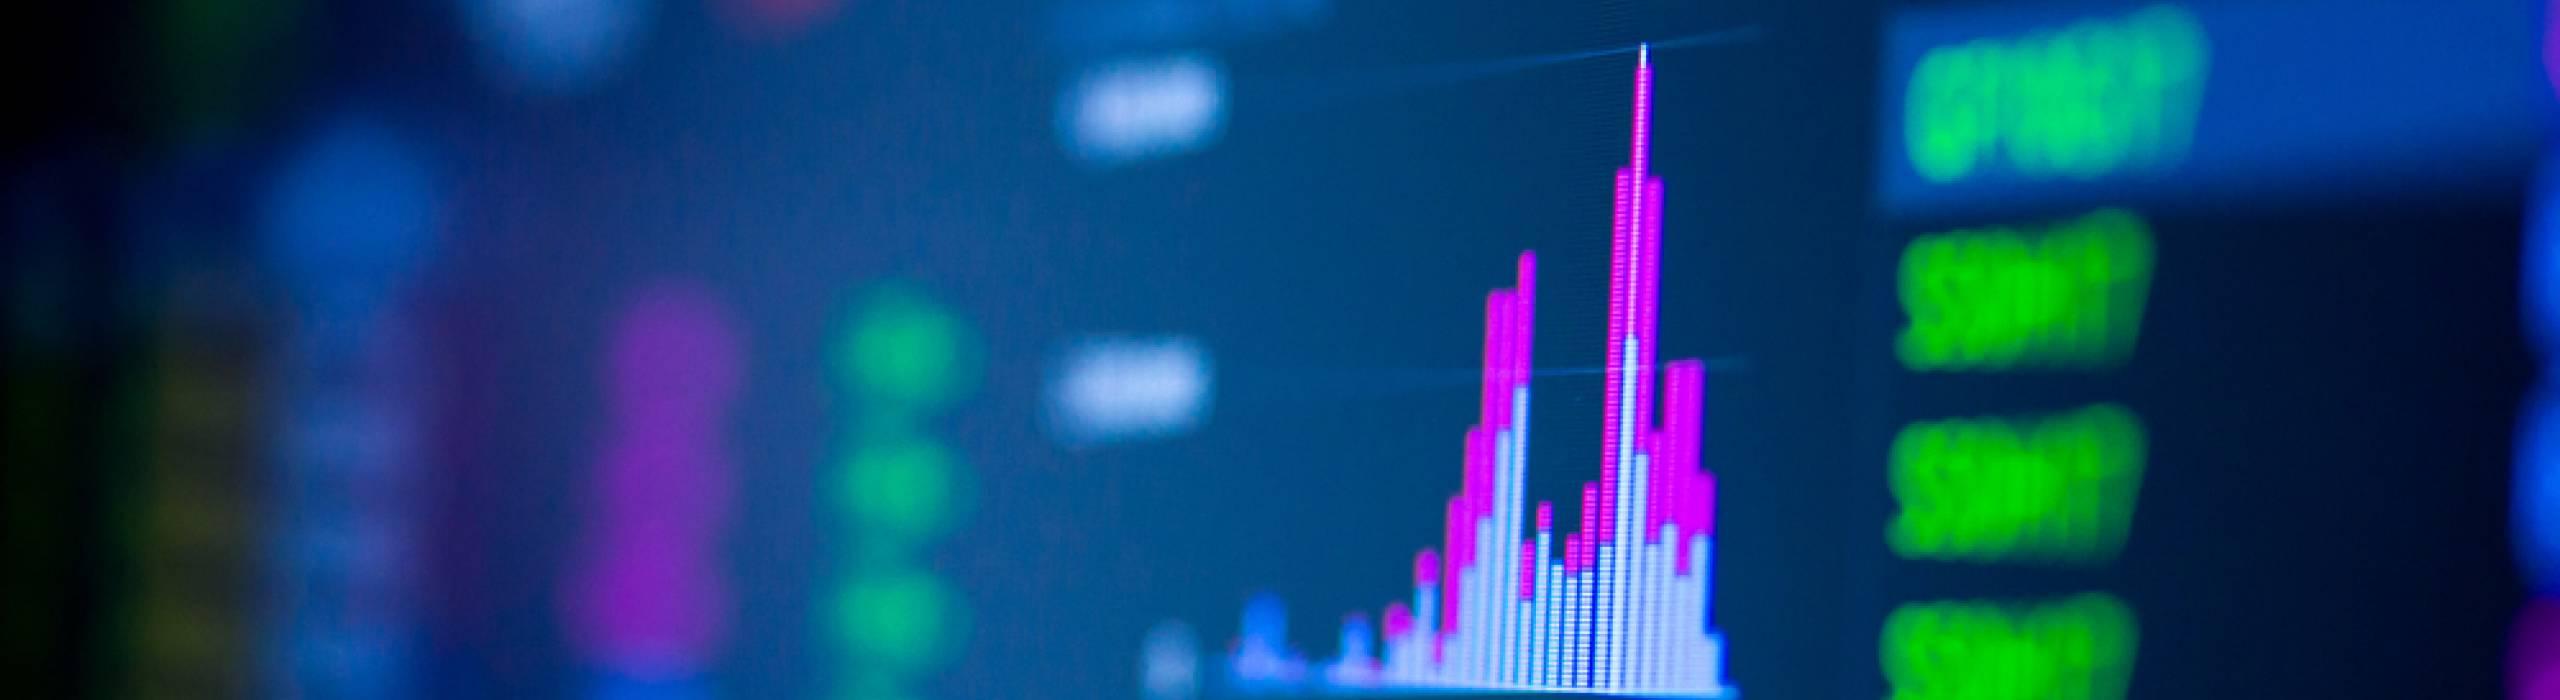 Economics and Information stock photo